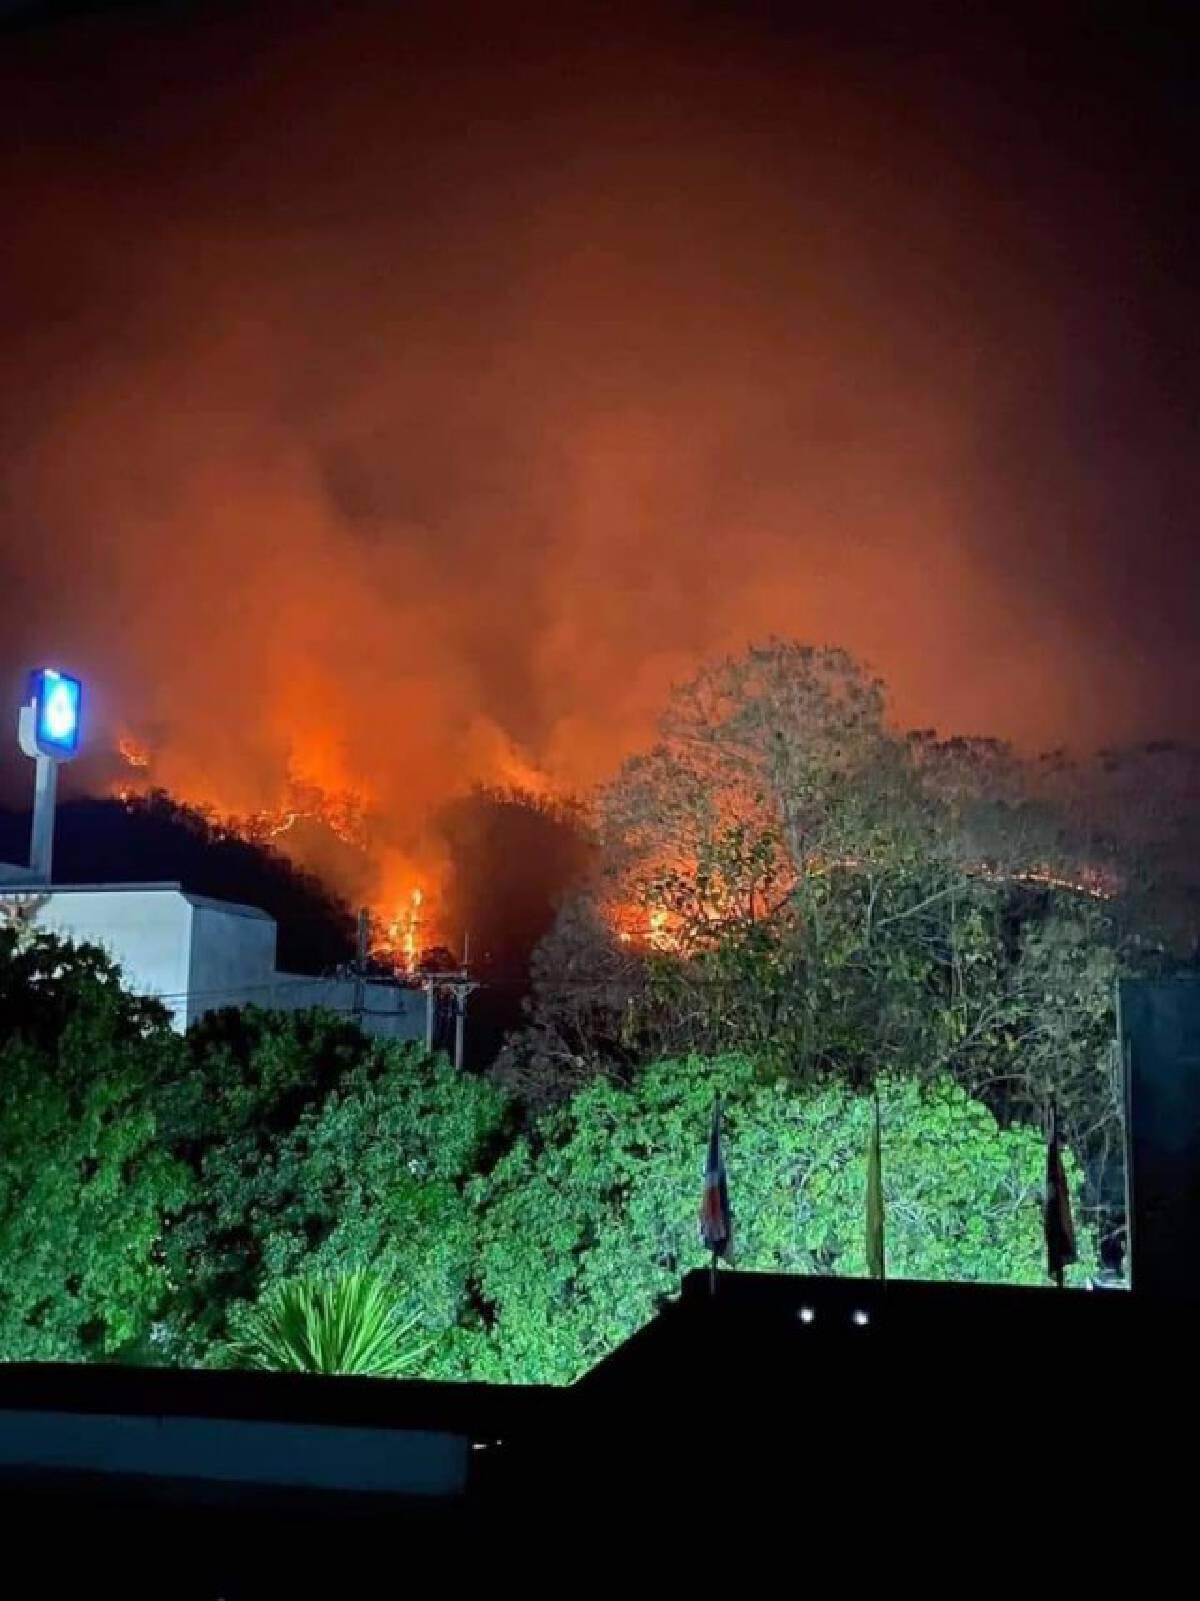 เปิดภาพไฟป่าเผาดอยสะเมิงยังกับเหตุการณ์ภูเขาไฟปะทุในต่างประเทศ เจ้าหน้าที่เร่งระดมสกัดสูญกว่า50 ไร่